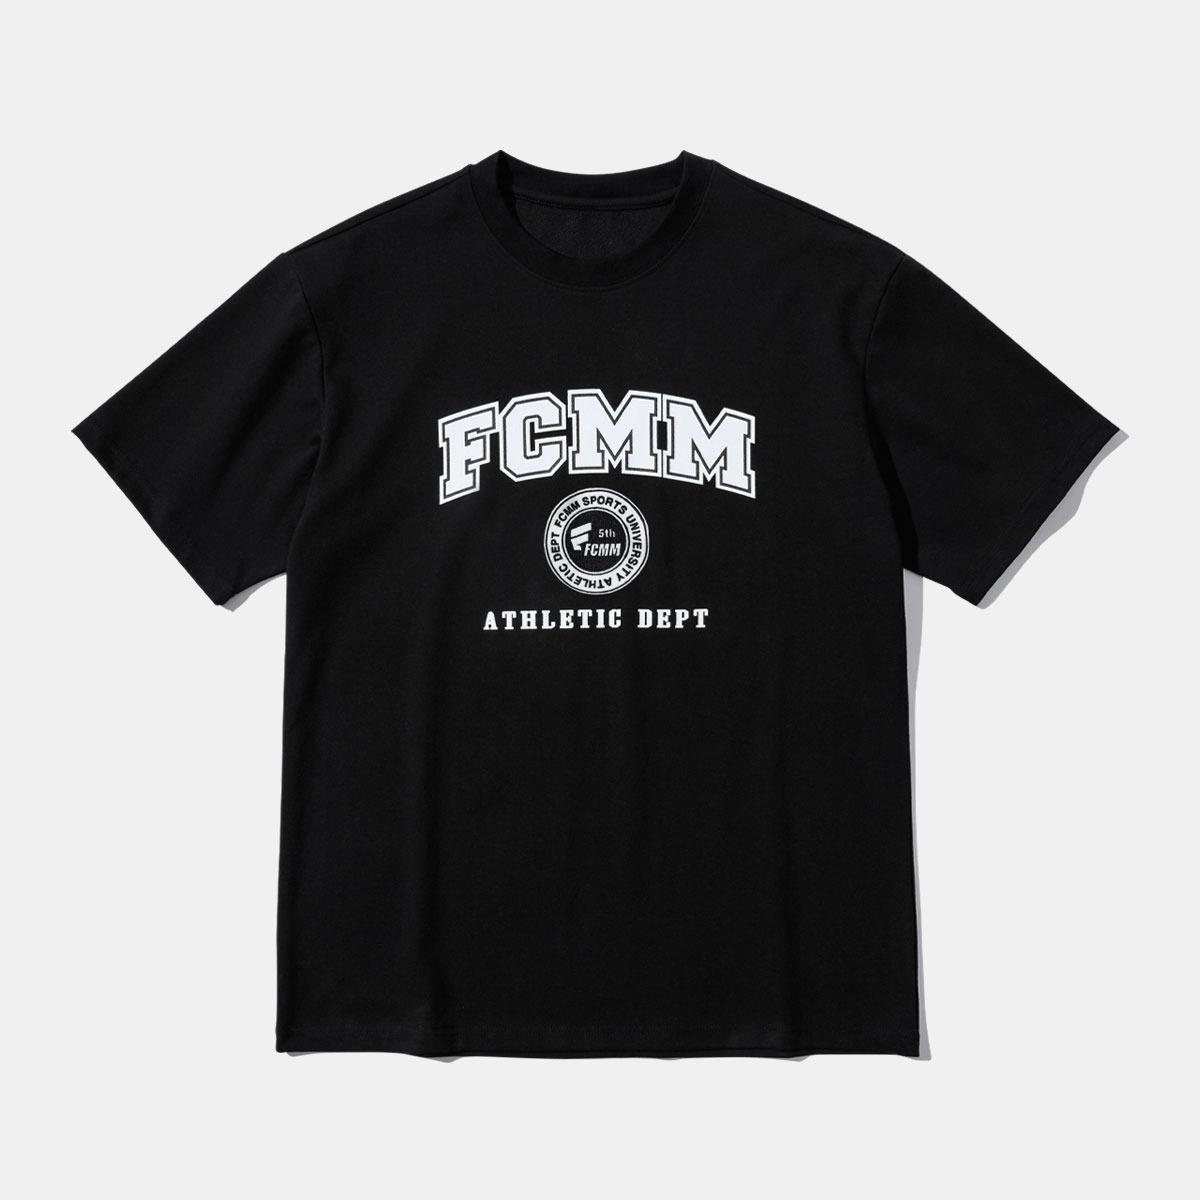 어슬레틱 바시티 로고 티셔츠 - 블랙